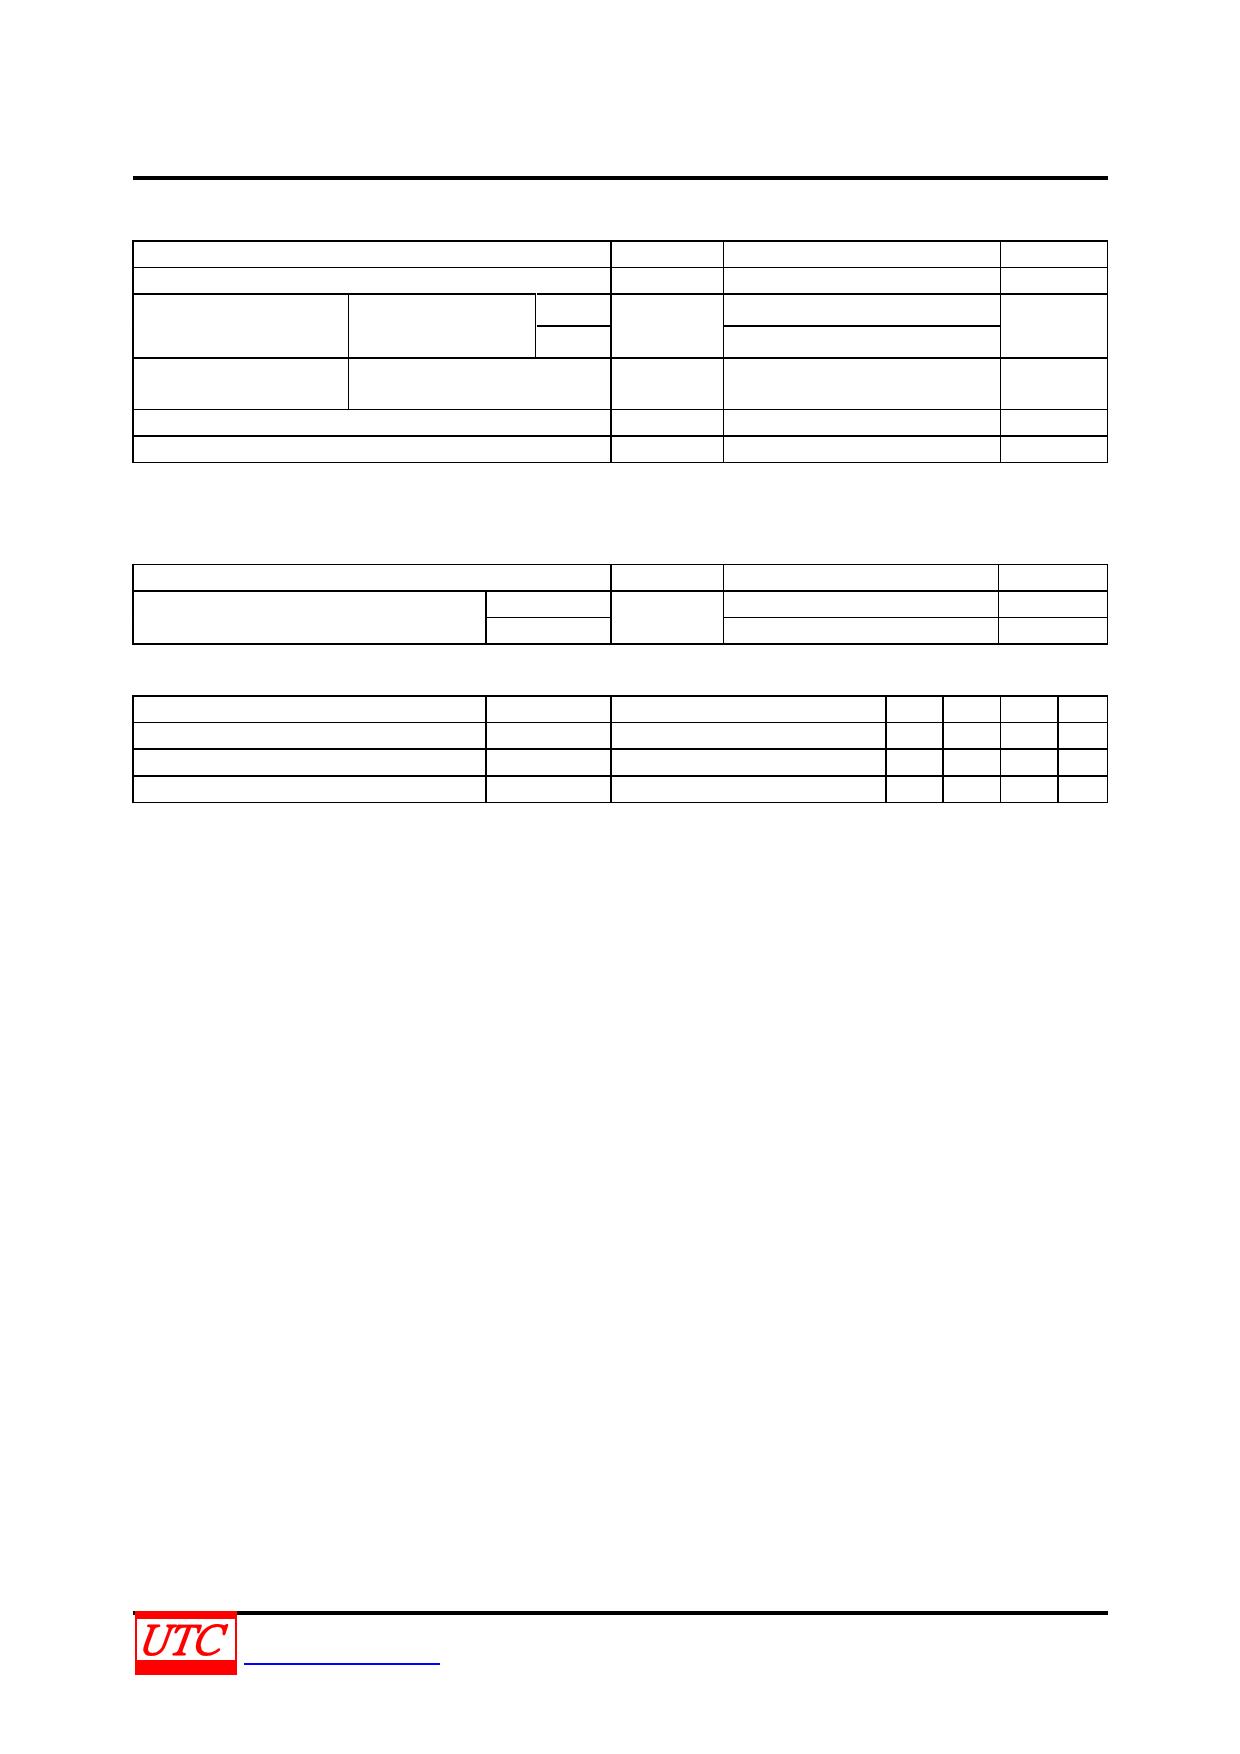 UAD92 pdf, schematic